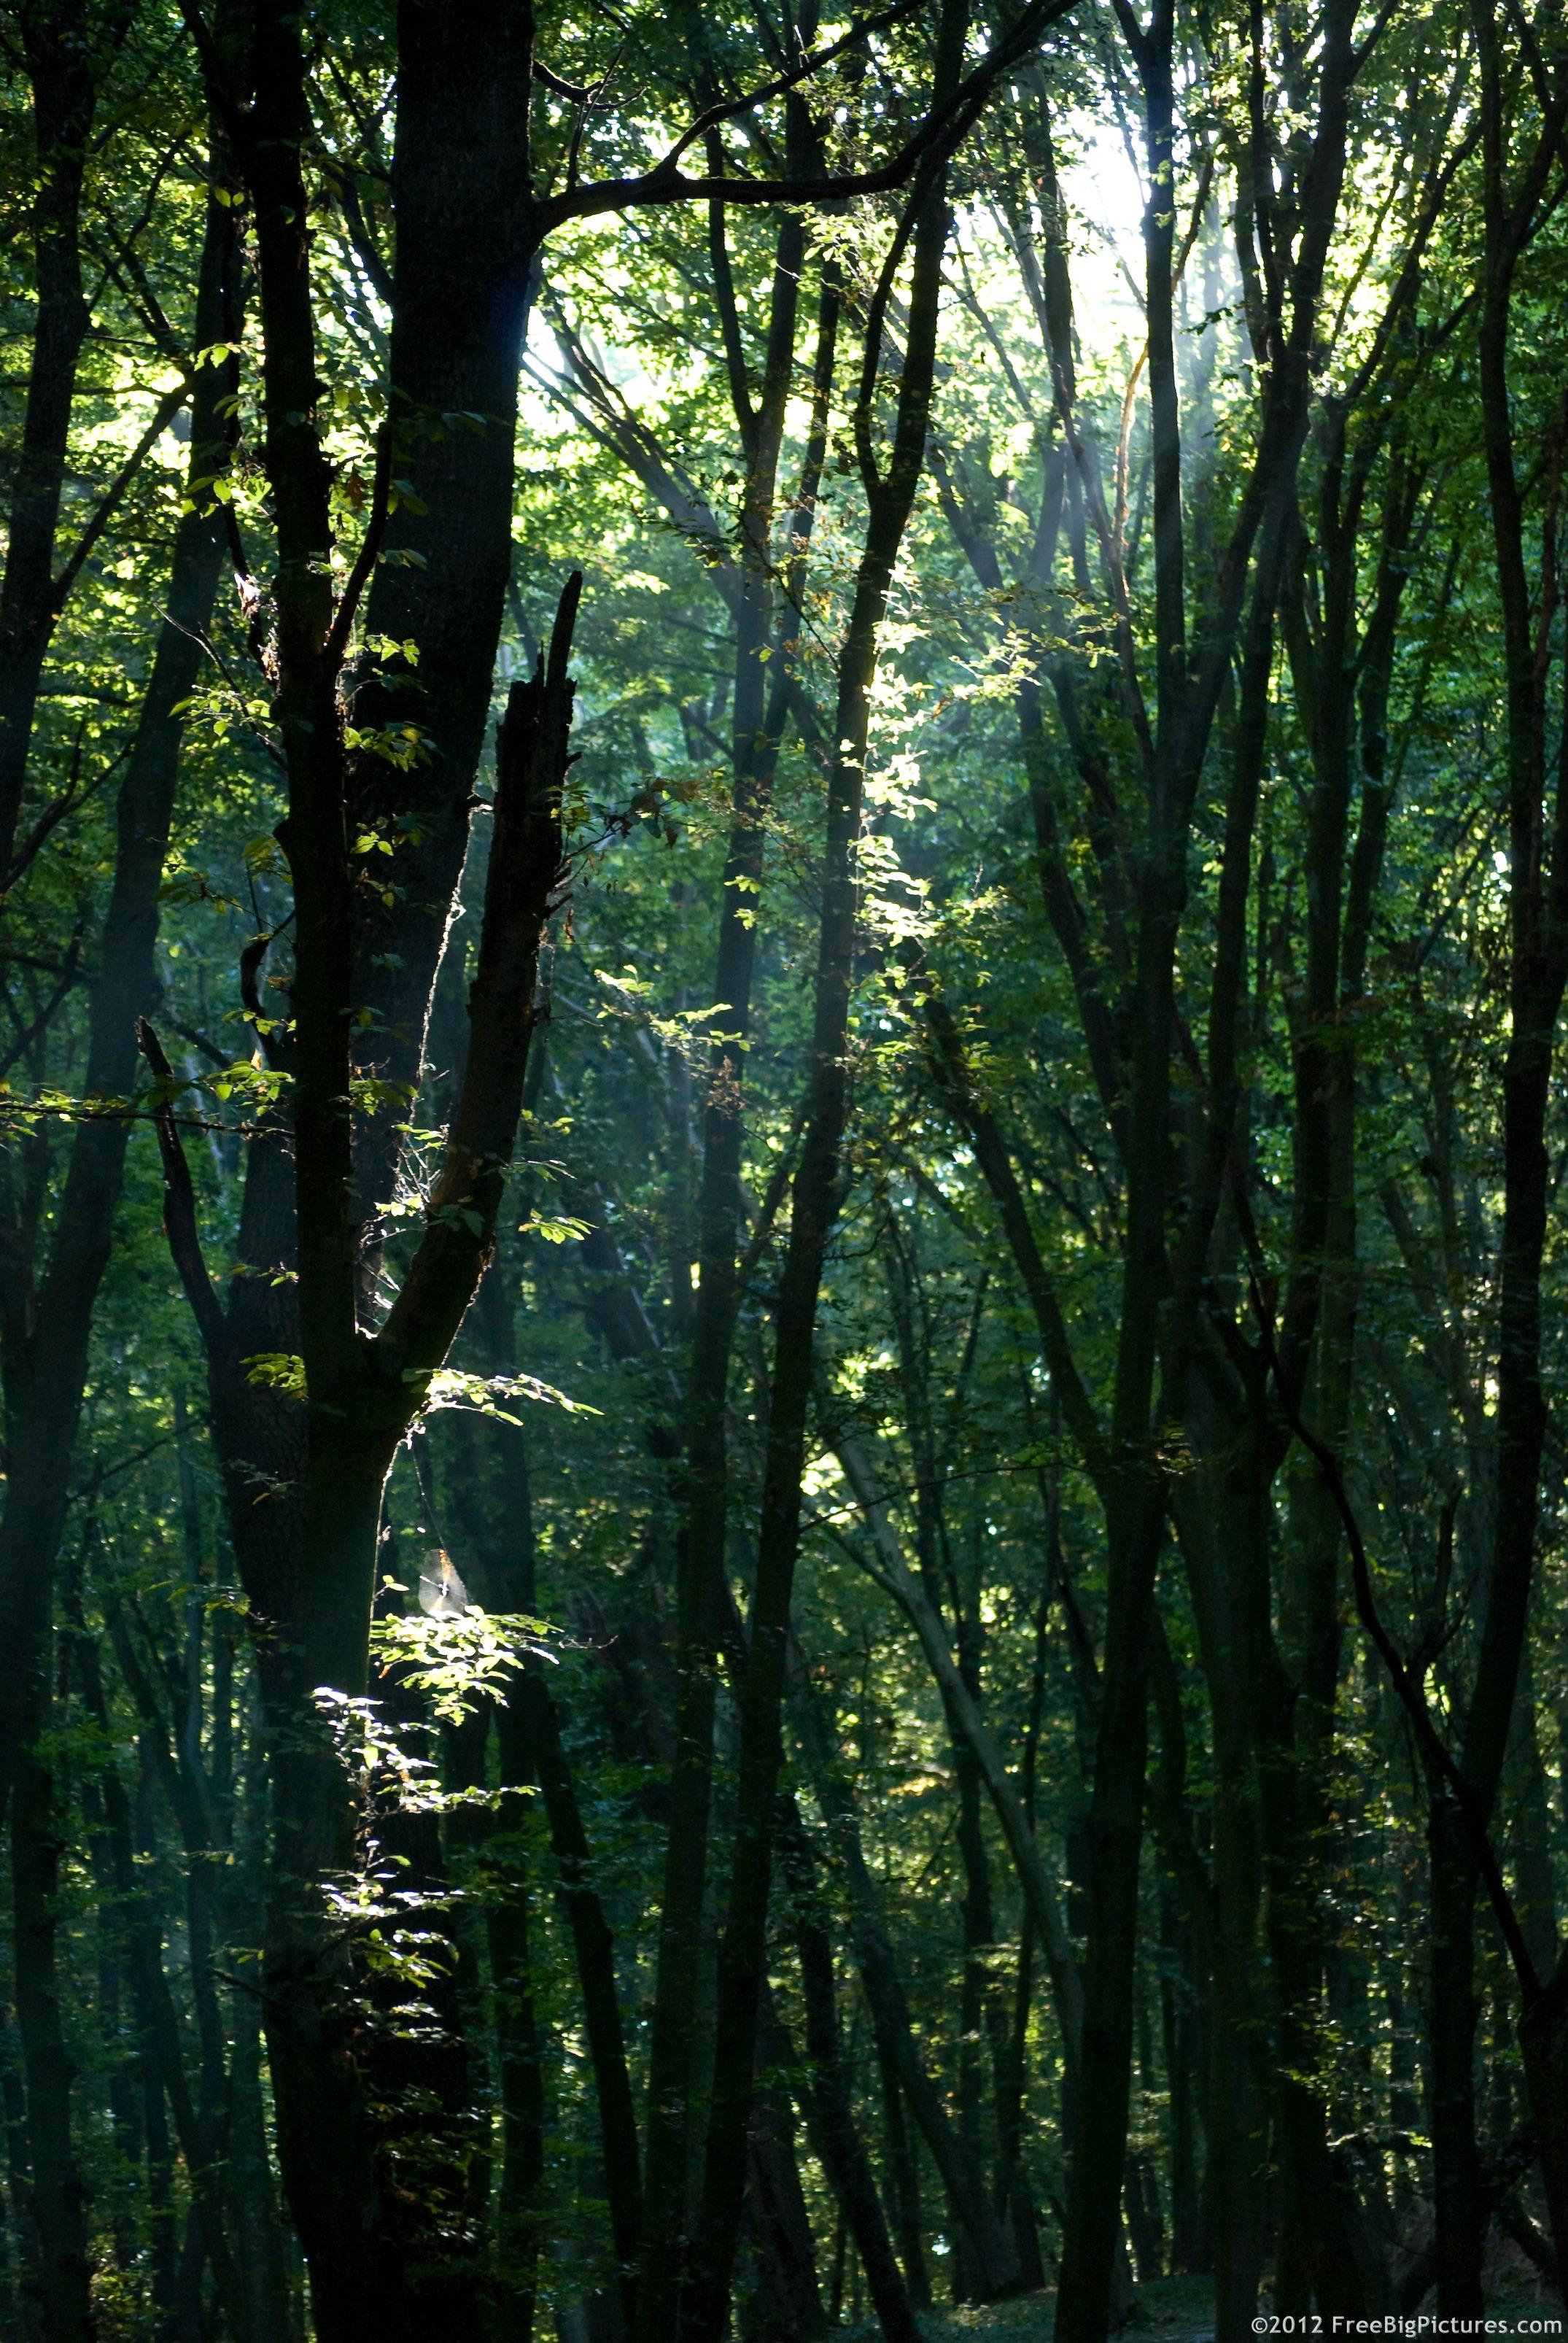 forest-sunlight.jpg